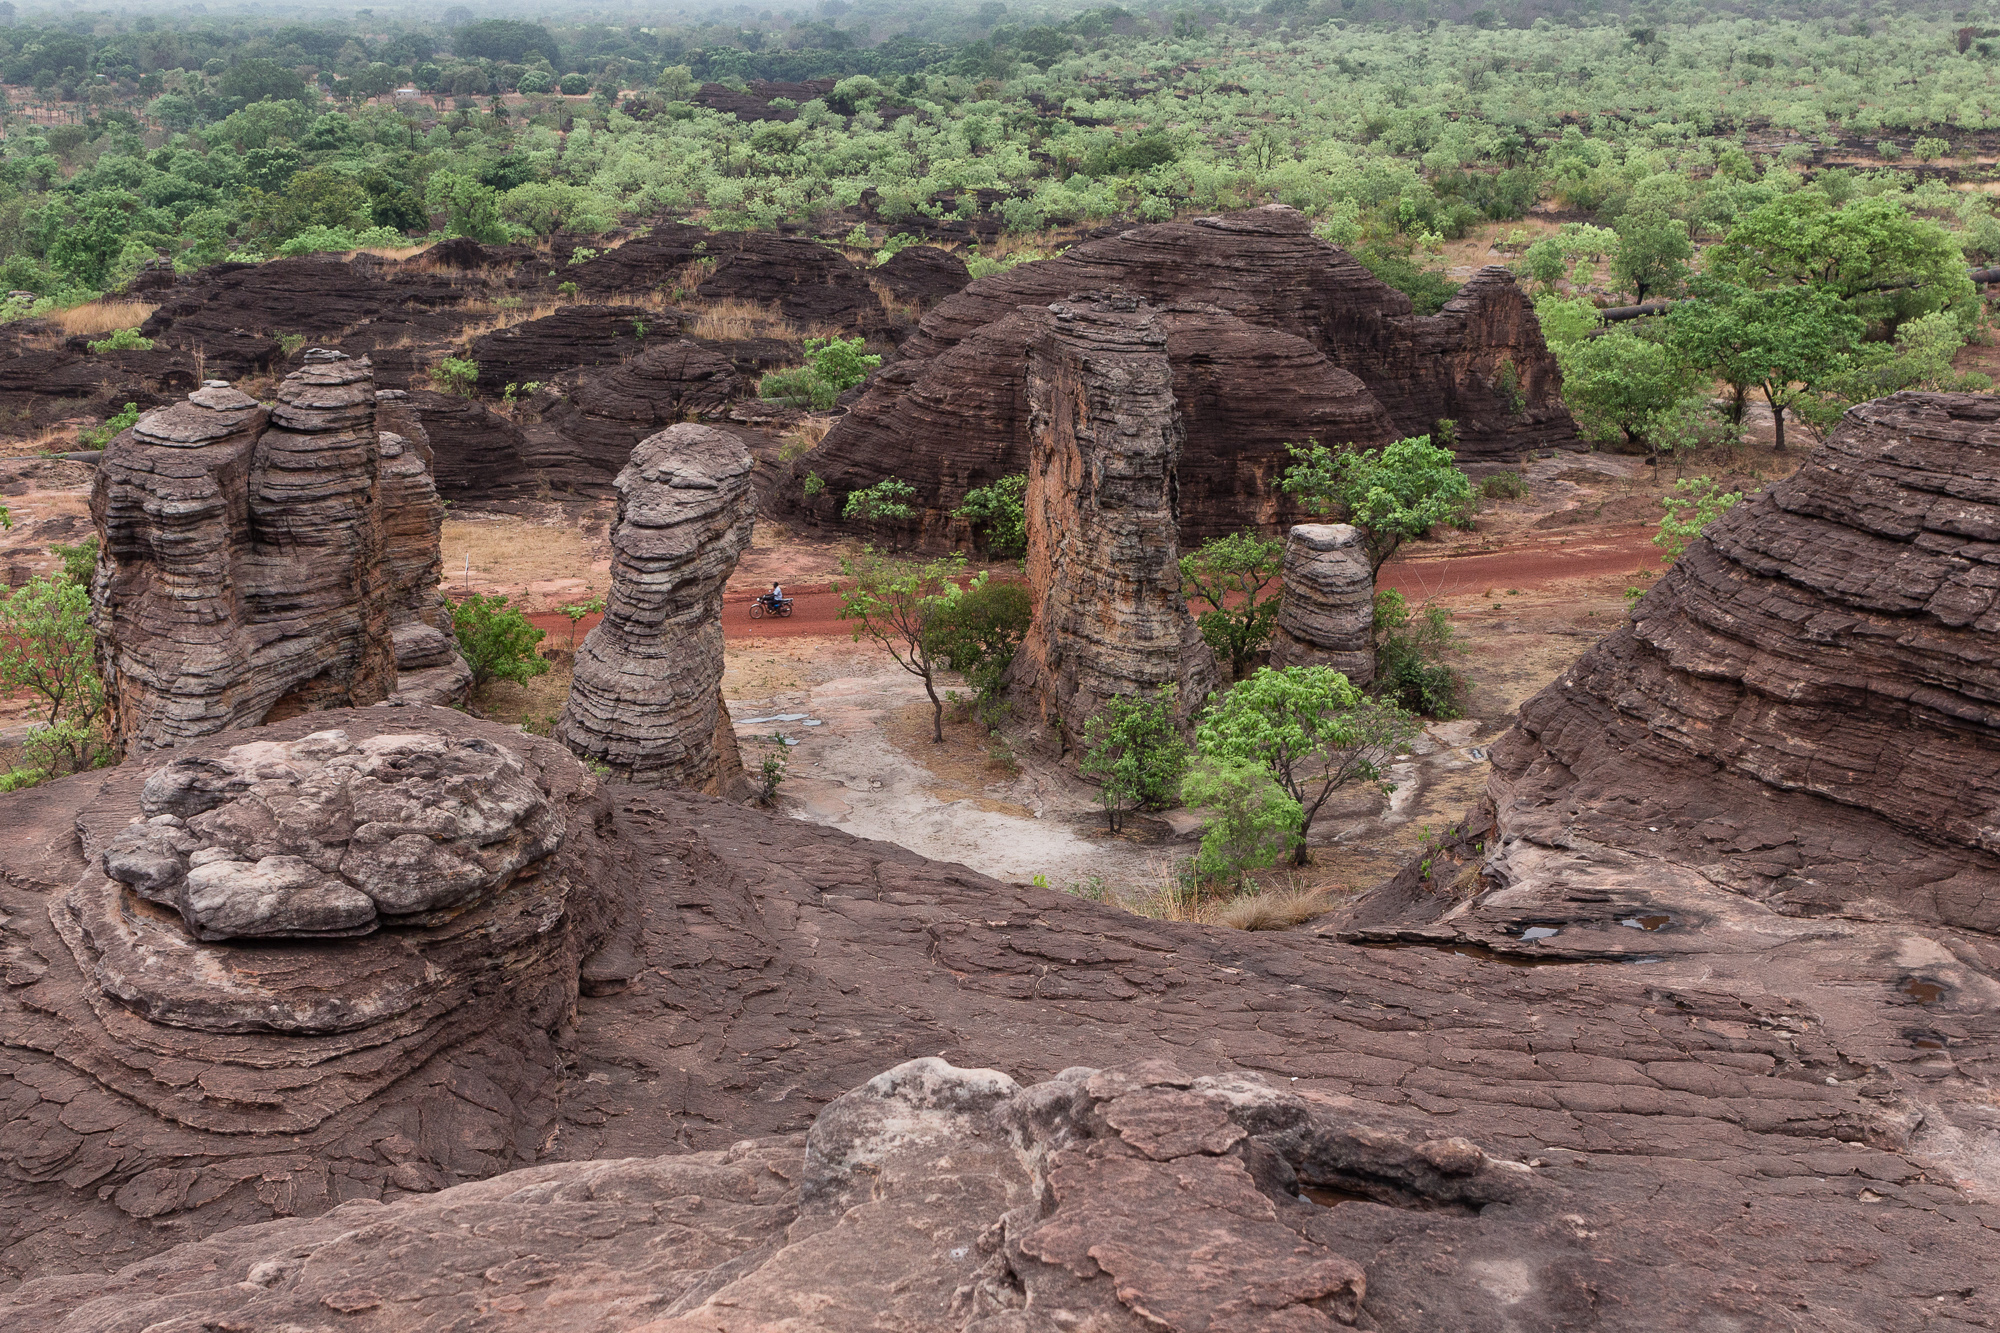 Dômes de Fabédougou et paysage de forêt claire dans la région de Banfora, Burkina Faso